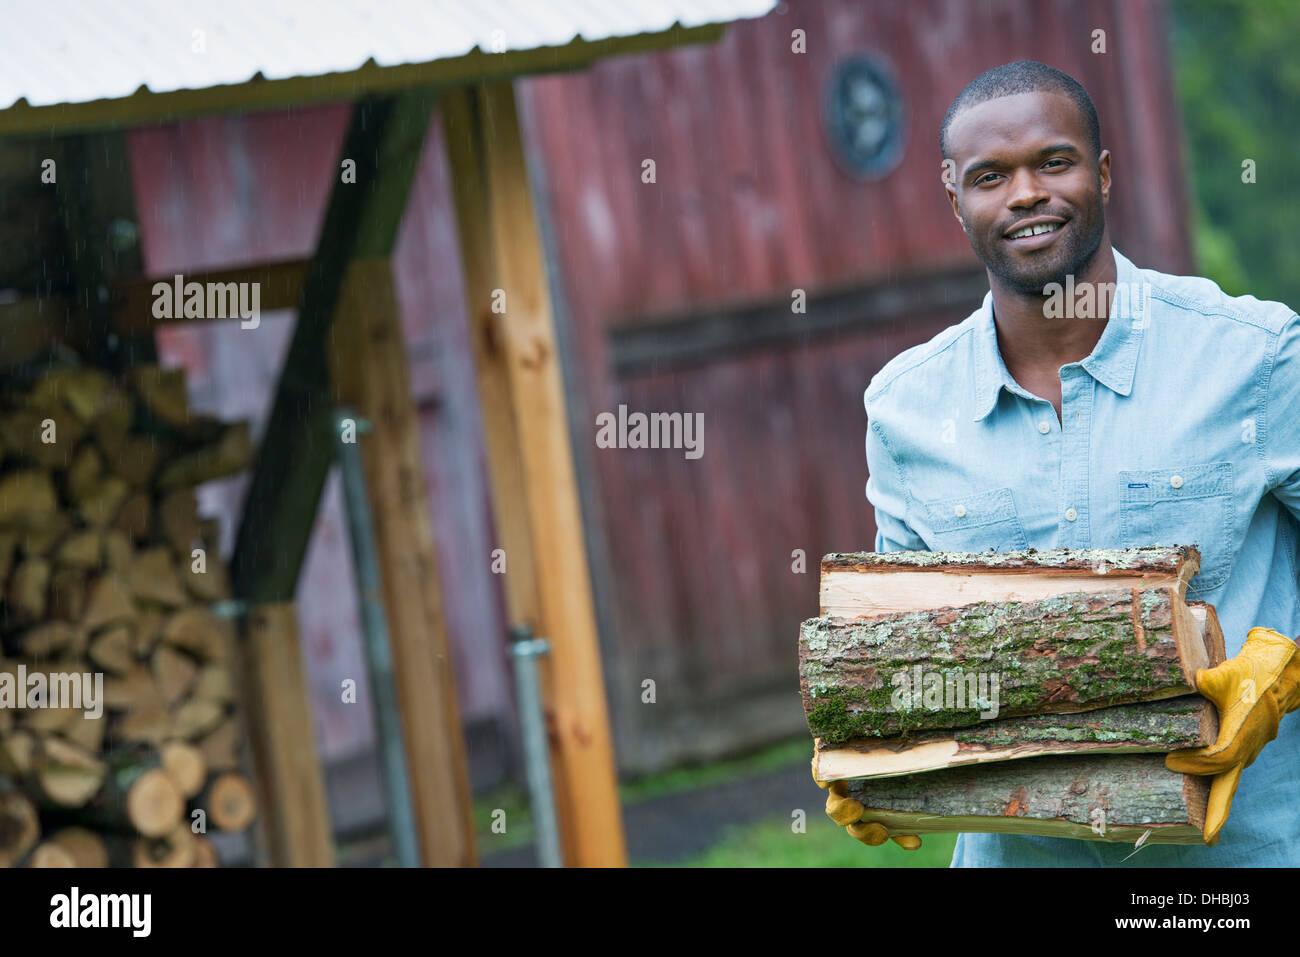 Ein junger Mann mit einem Haufen der Protokolle in der Logstore. Leben auf dem Bauernhof. Stockbild